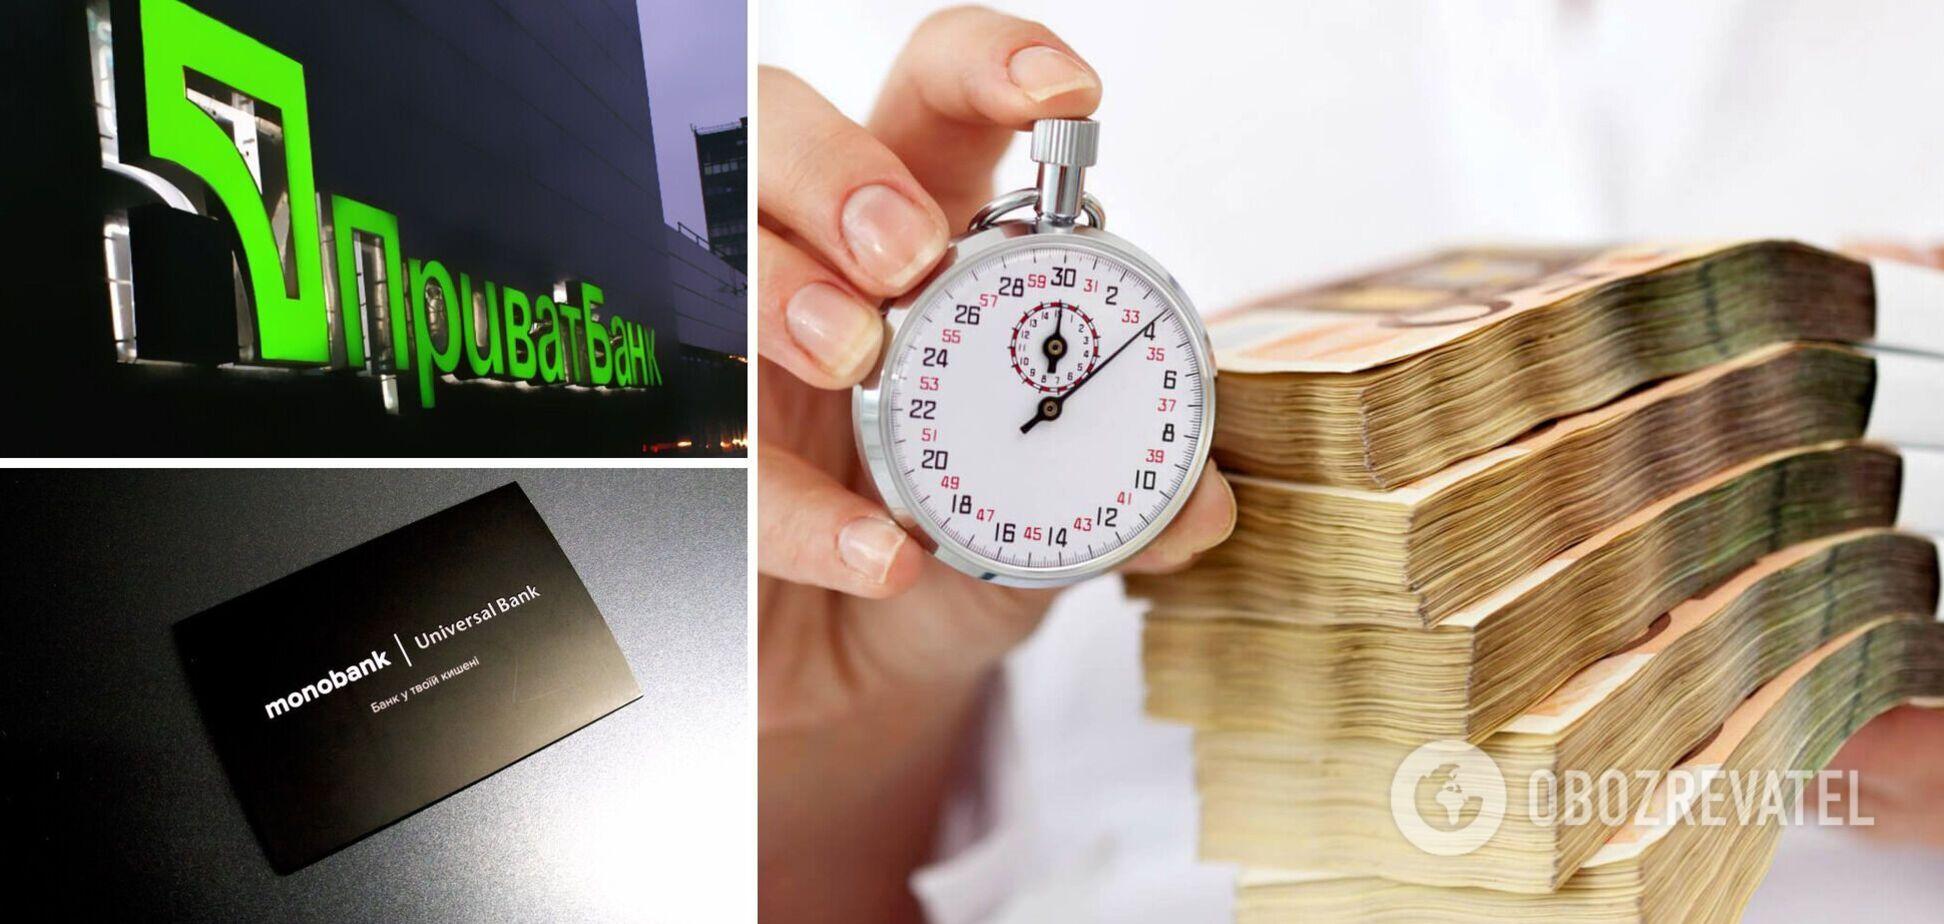 Нужно адекватно оценить свои возможности перед тем, как взять кредит в банке